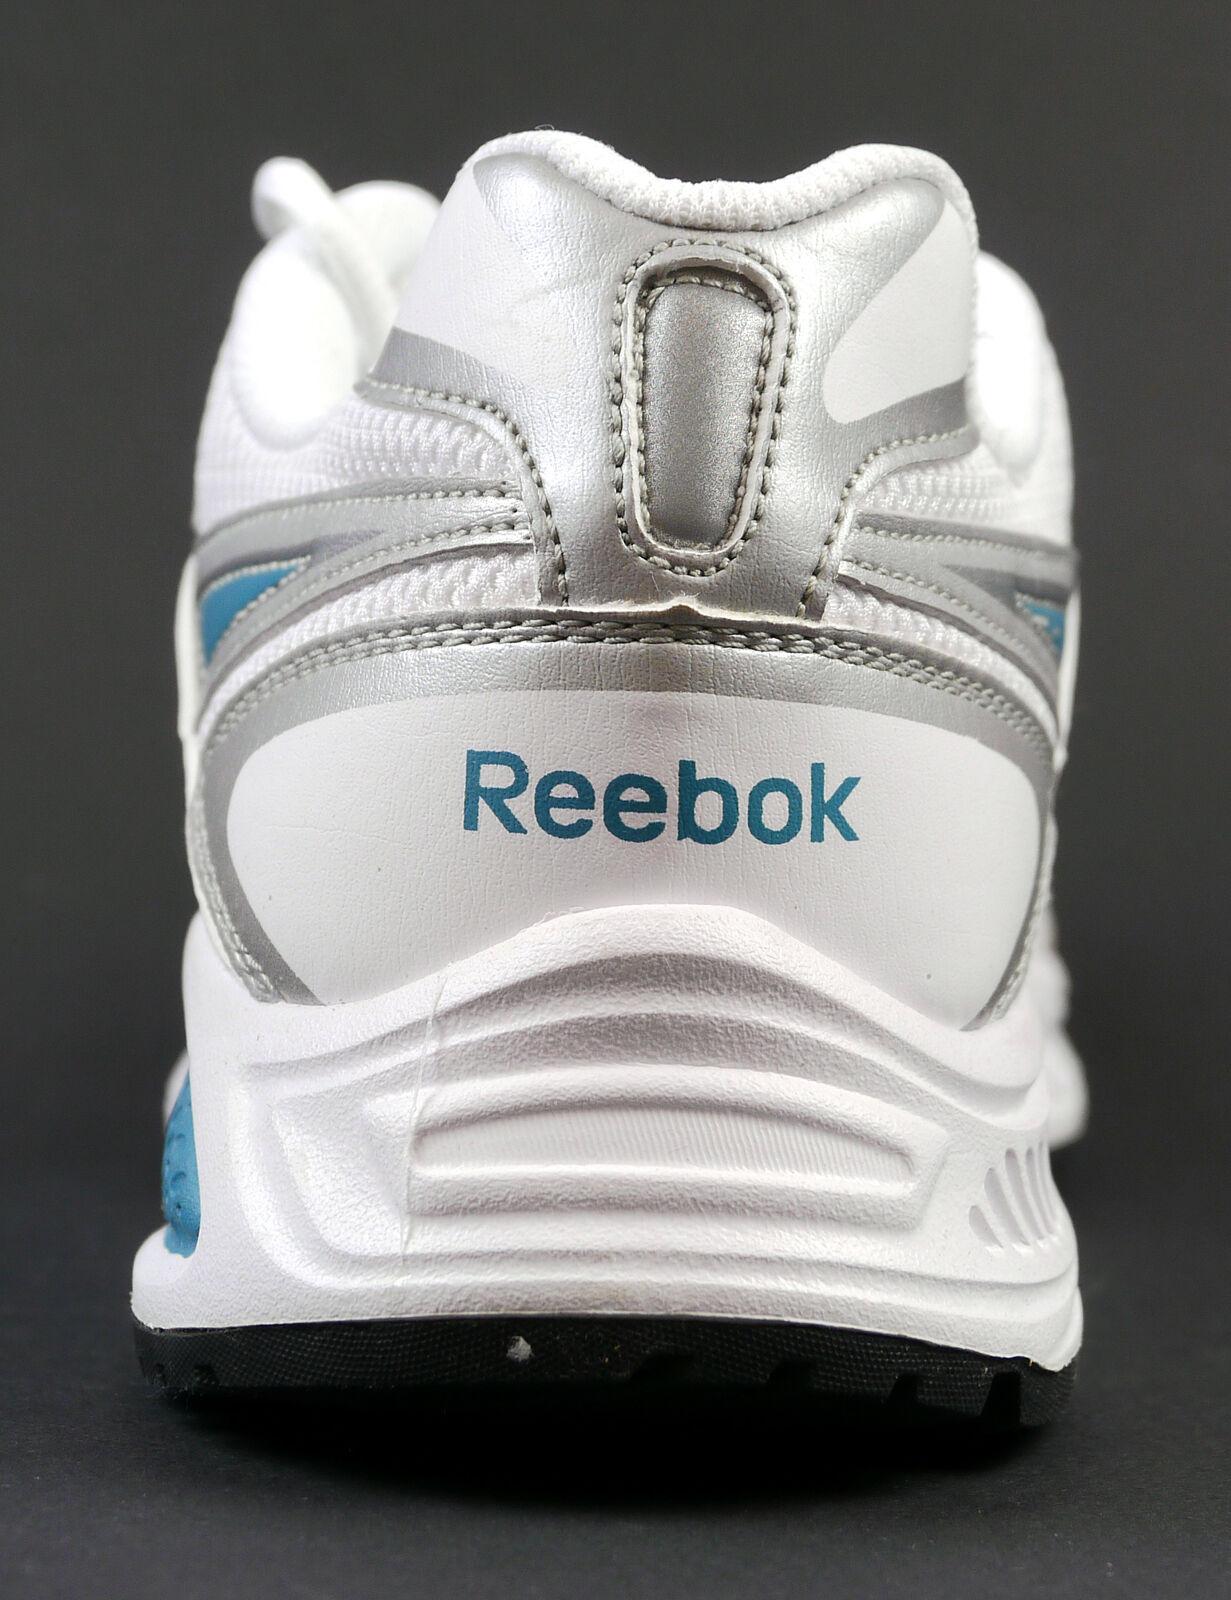 Reebok Trace J94127 J94127 J94127 Laufschuh Running Men Größe 40 1 2 - 45 1 2  NEU OVP 5f0a81